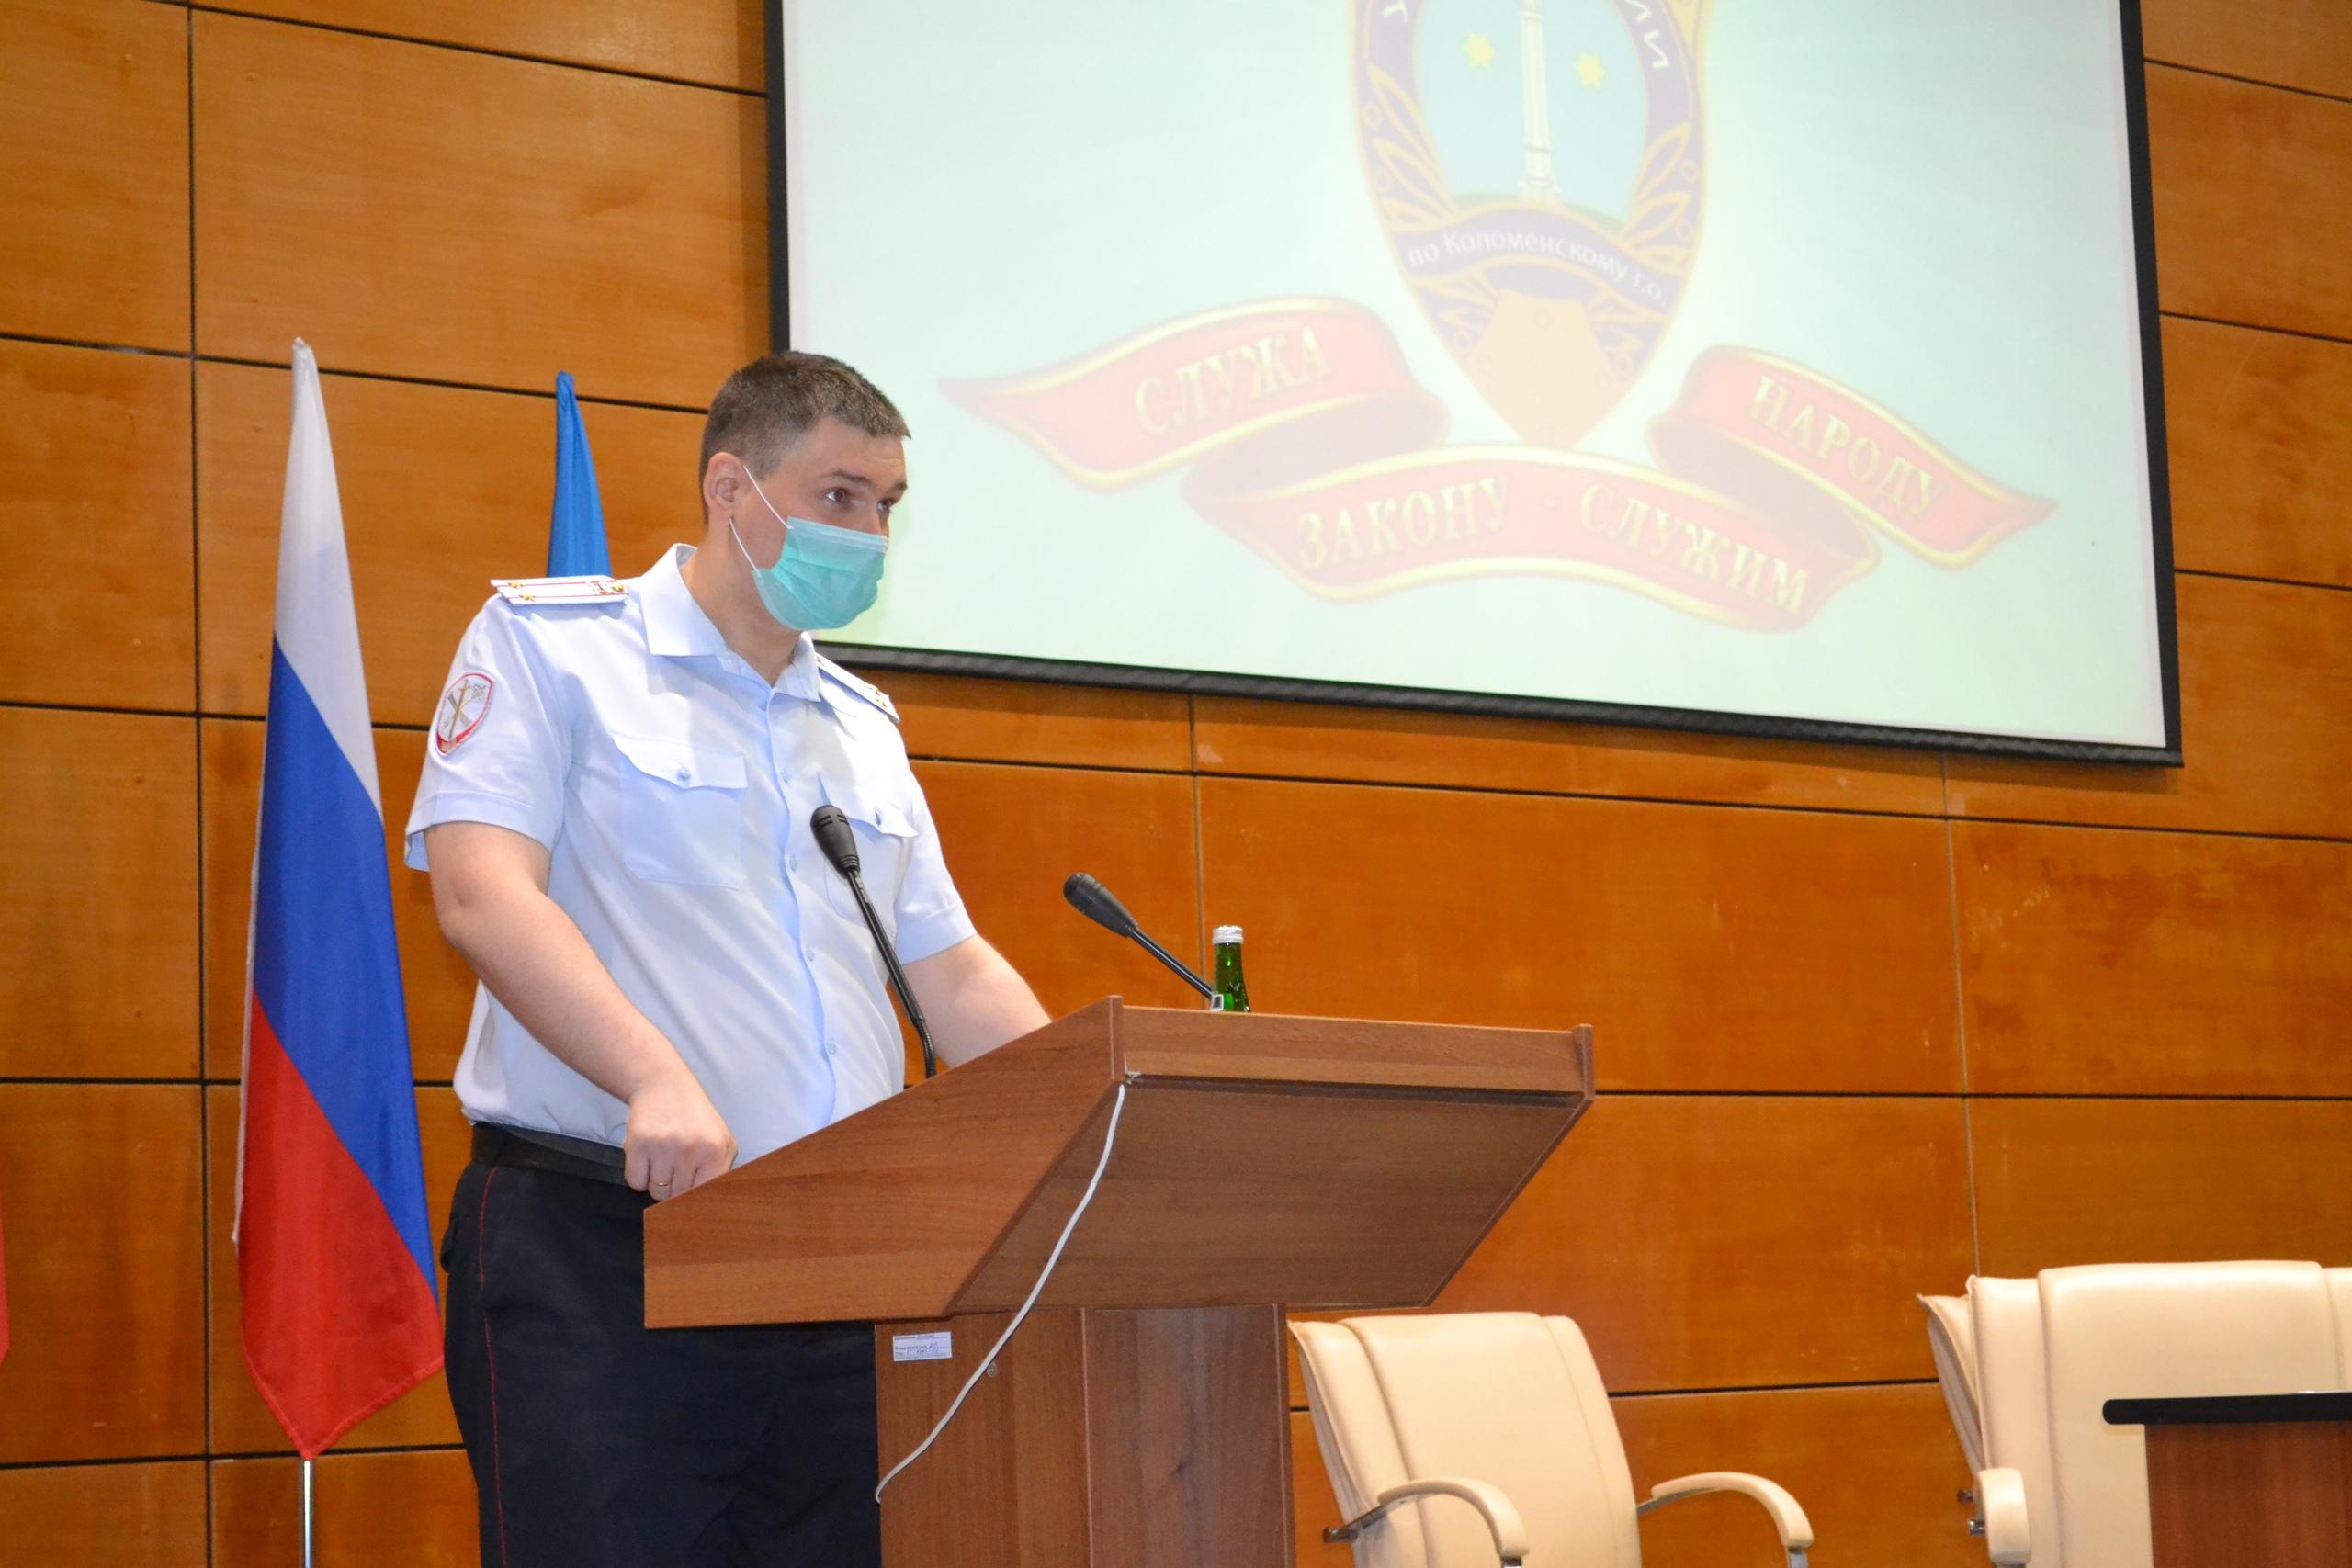 В УМД России по Коломенскому городскому округу подвели итоги оперативно-служебной деятельности за 6 месяцев  2020 года